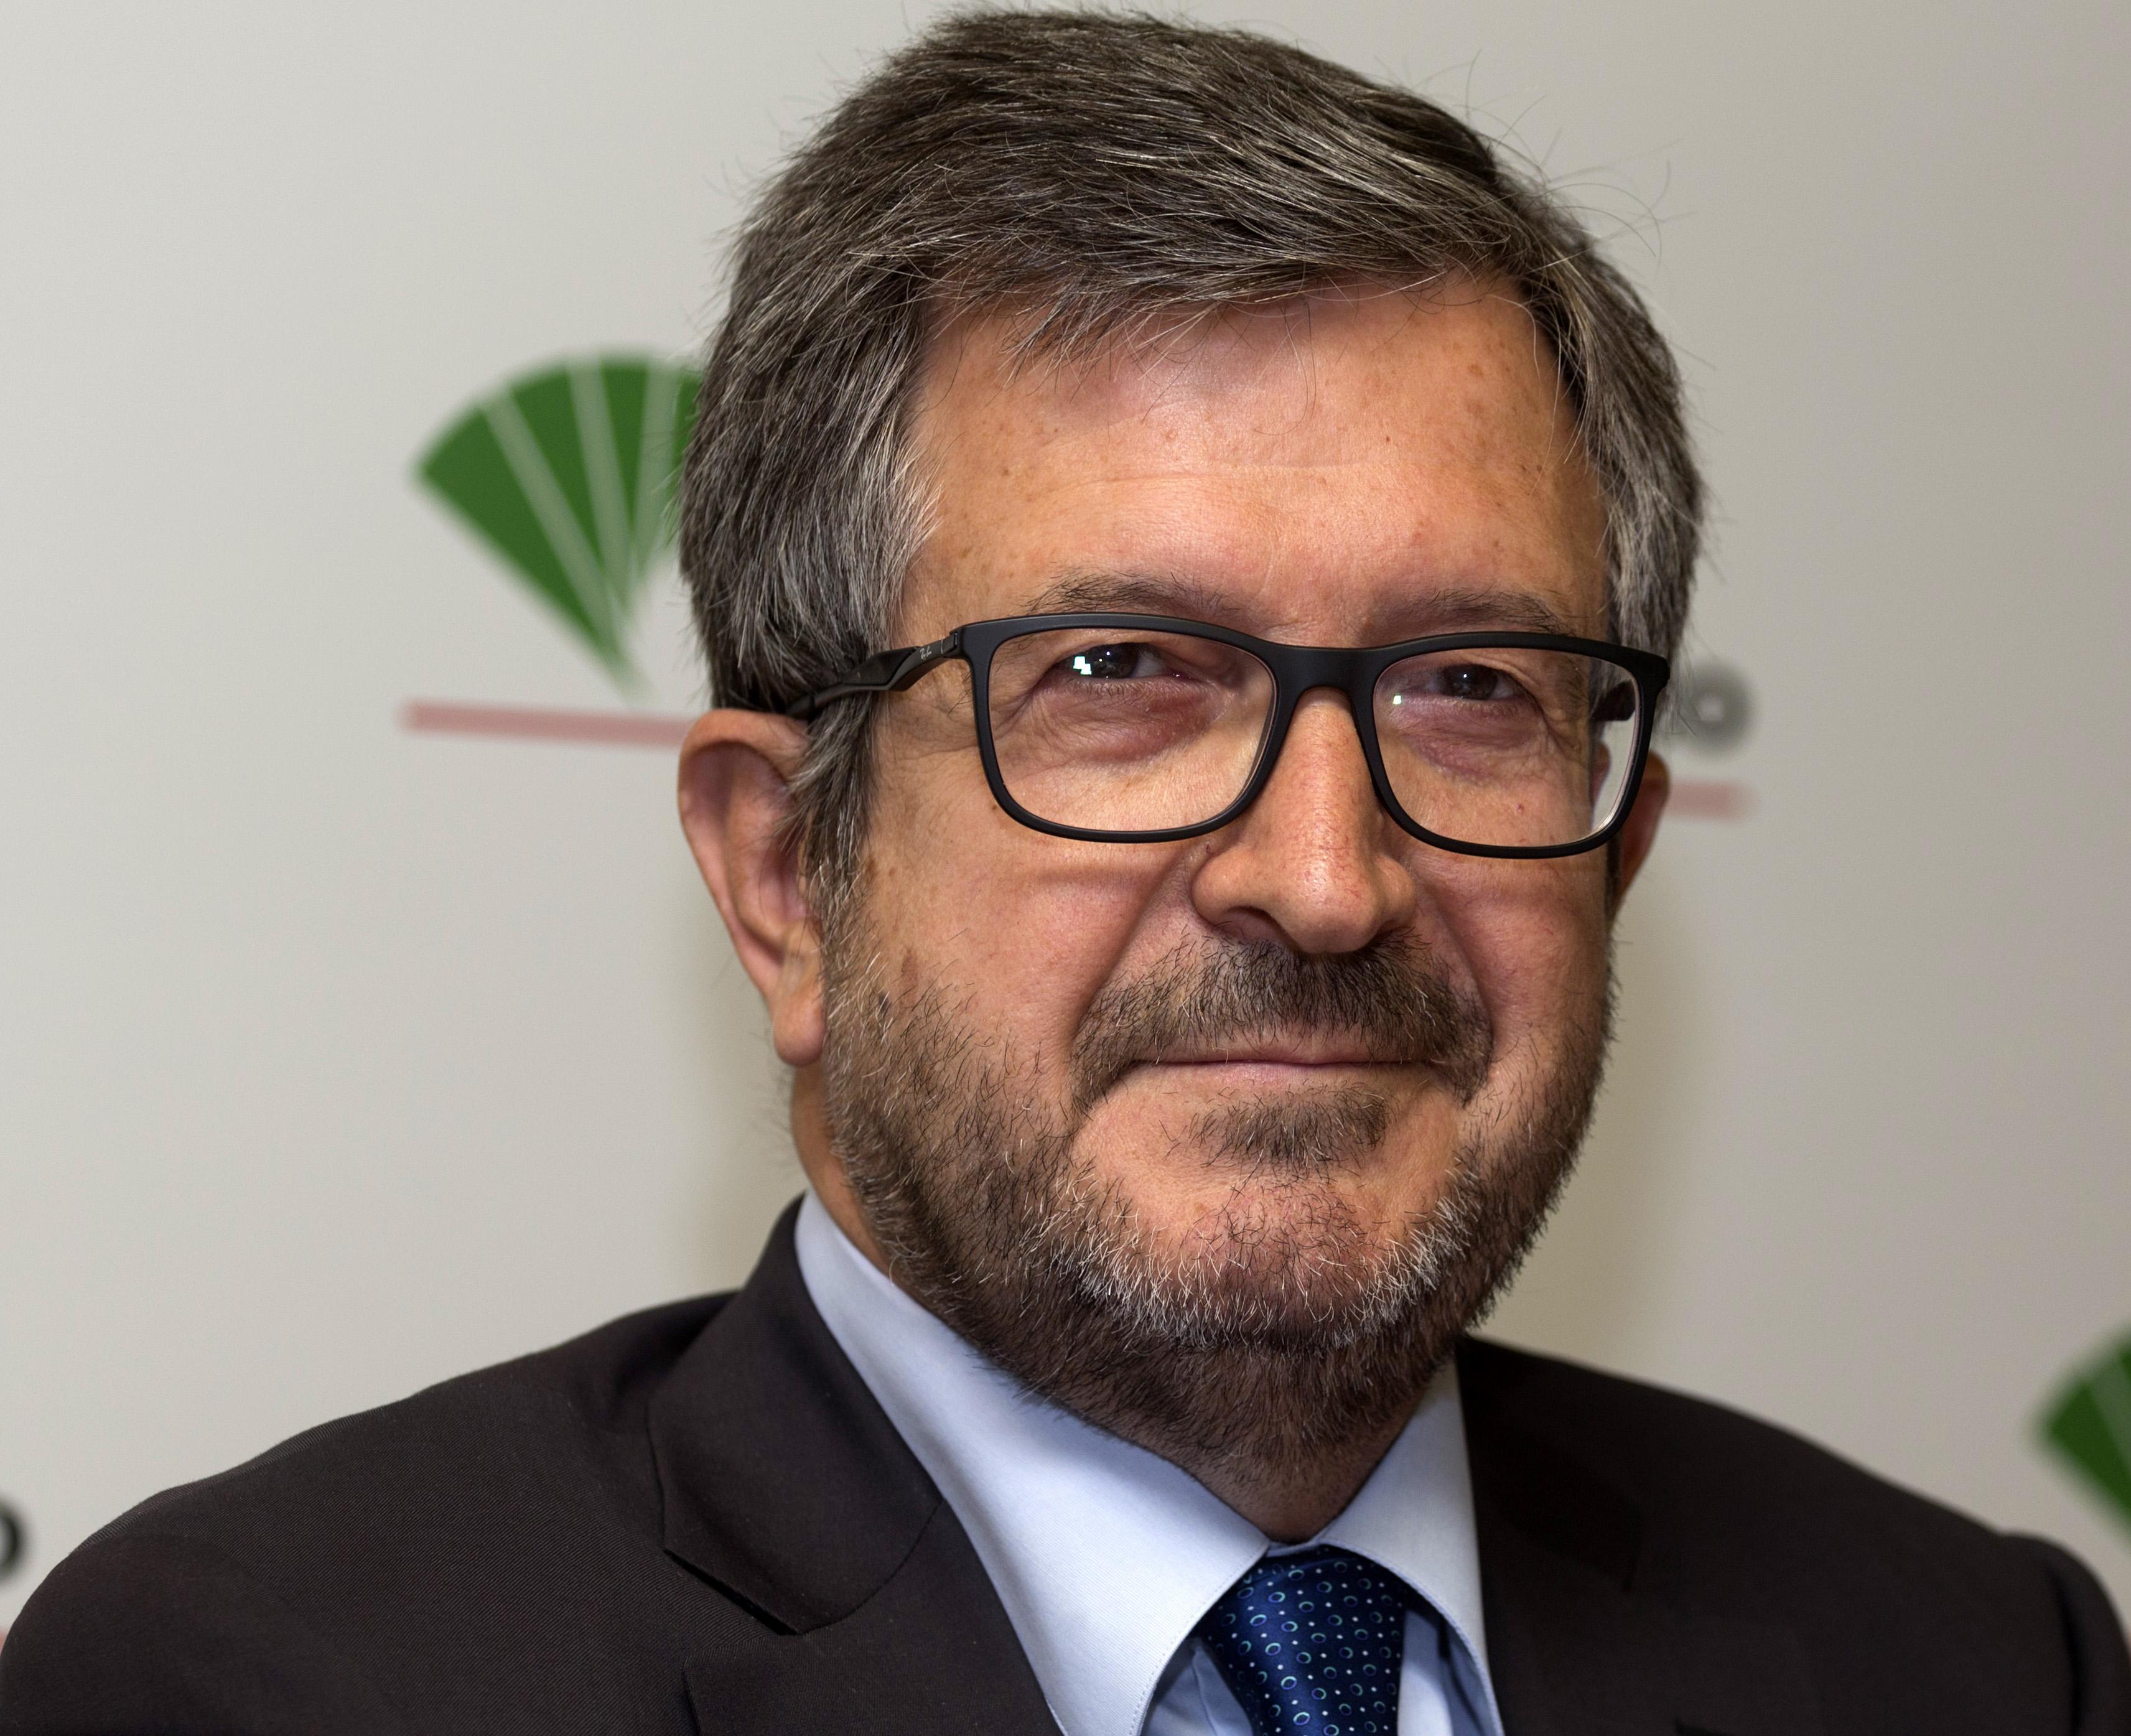 Fernando Zunzunegui MiFID II MiFID II a debate: el asesoramiento es la clave para superar la asimetría financiera